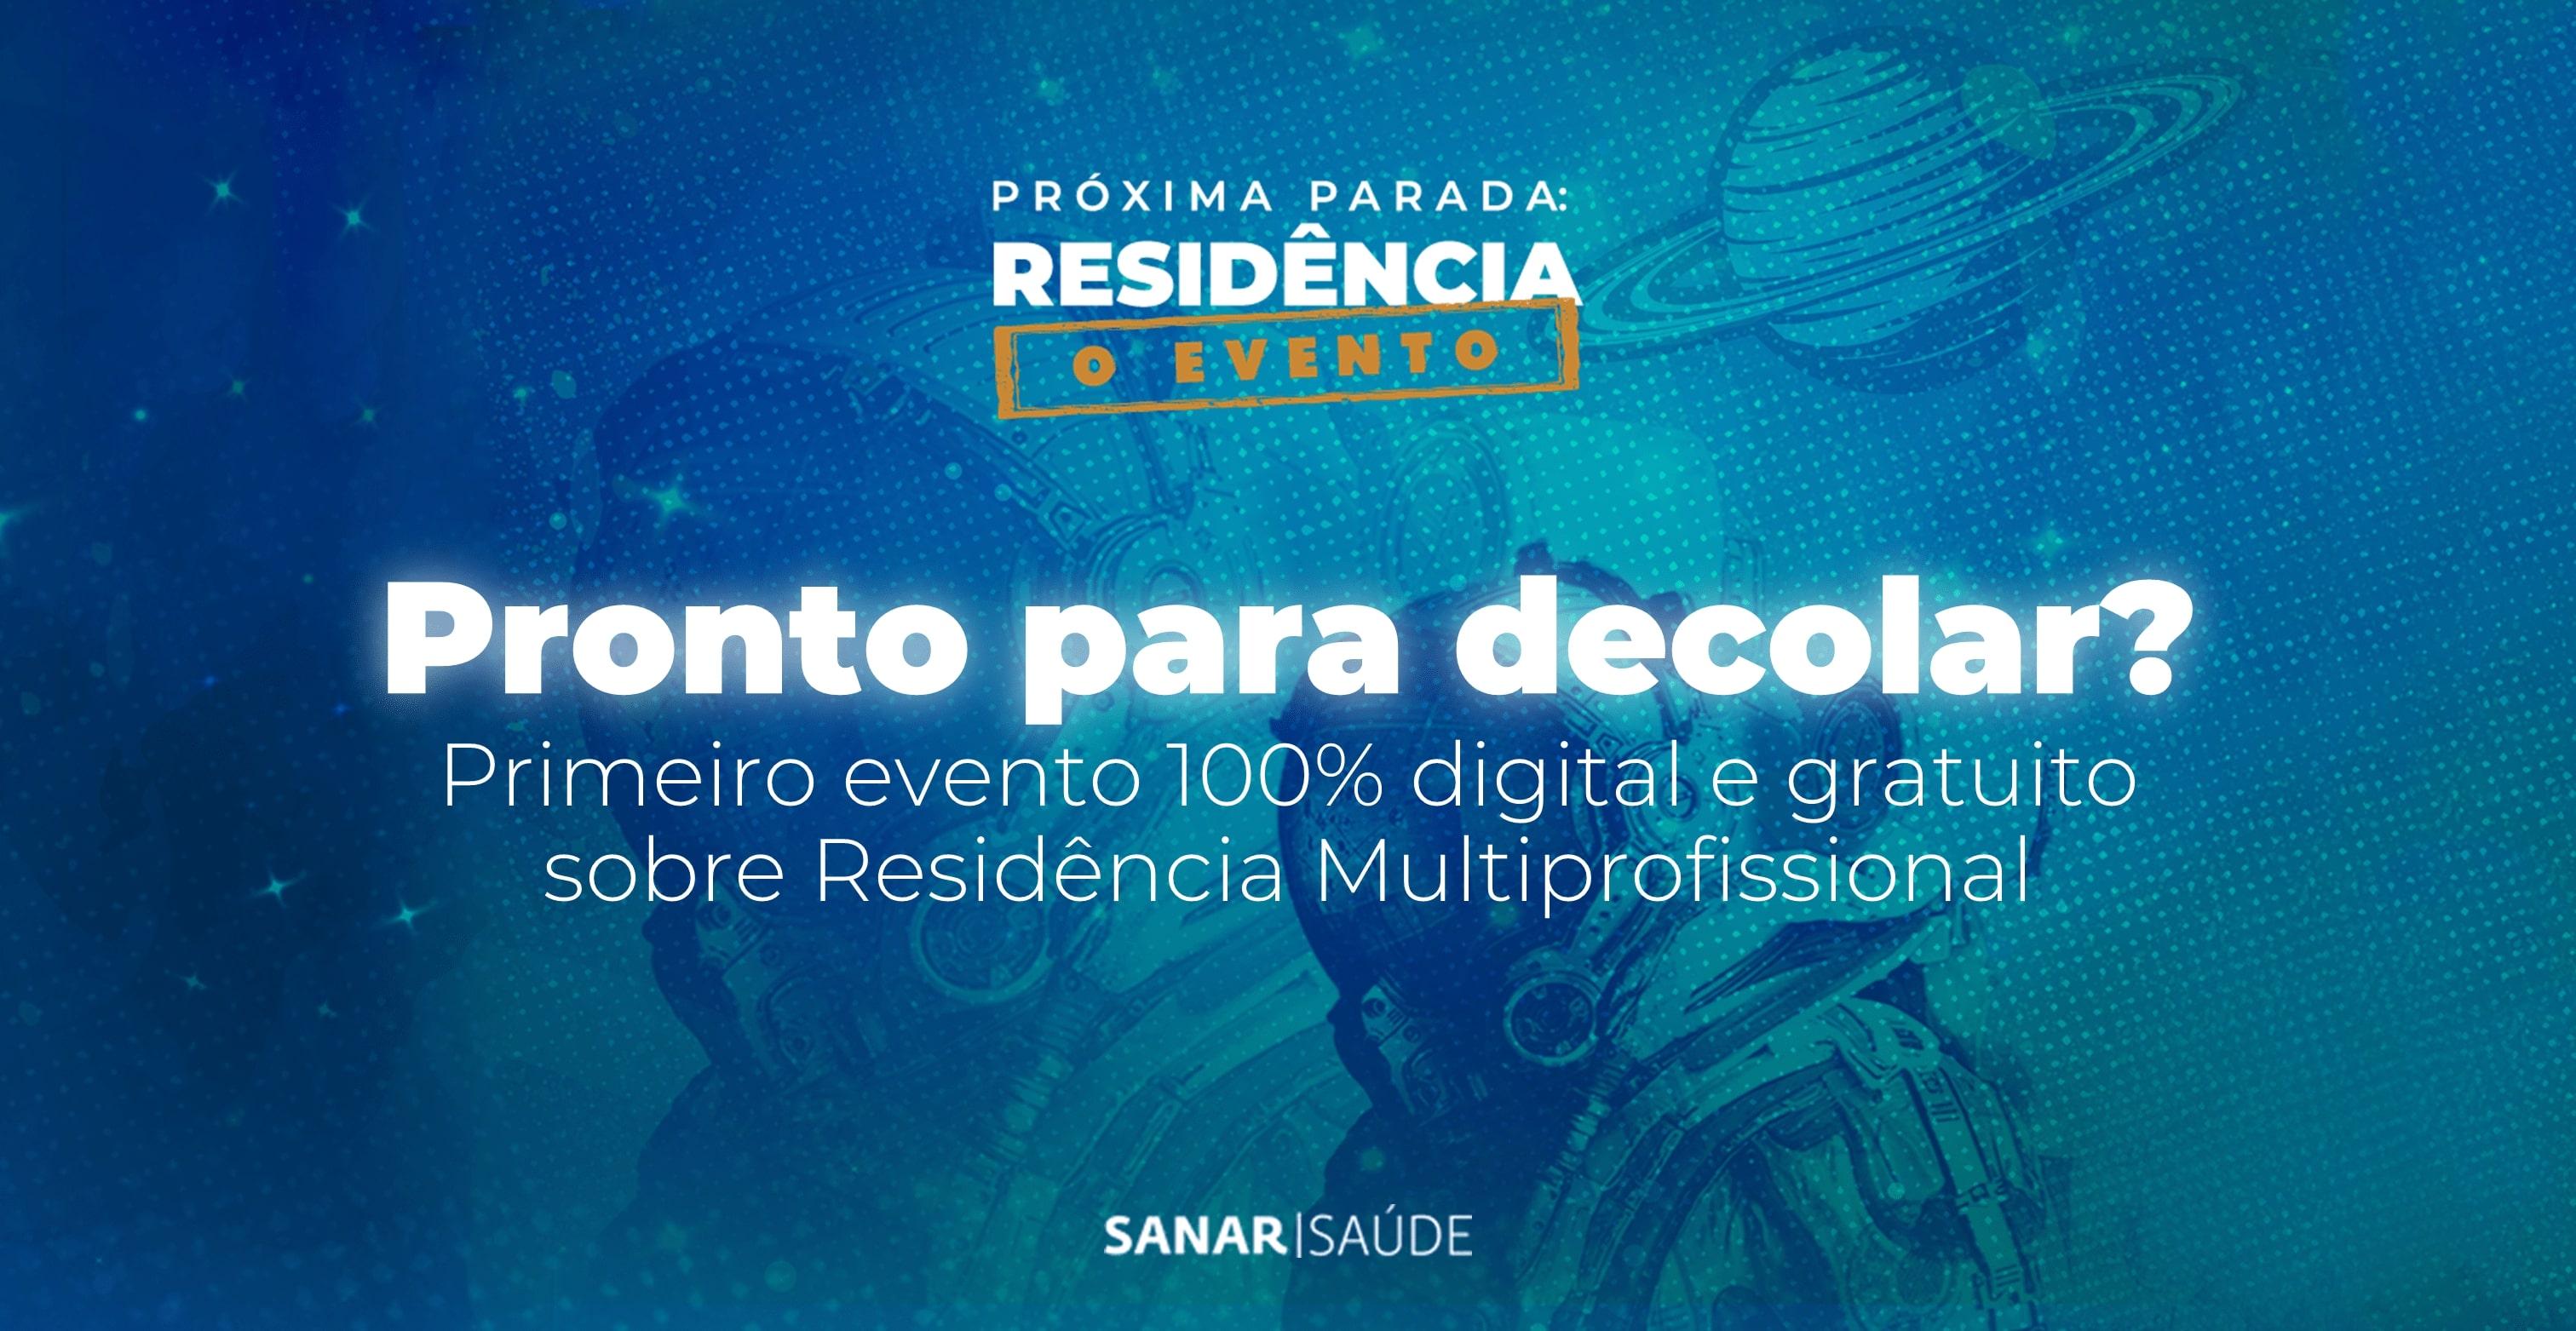 Pronto para o primeiro evento digital e gratuito sobre Residência Multiprofissional?